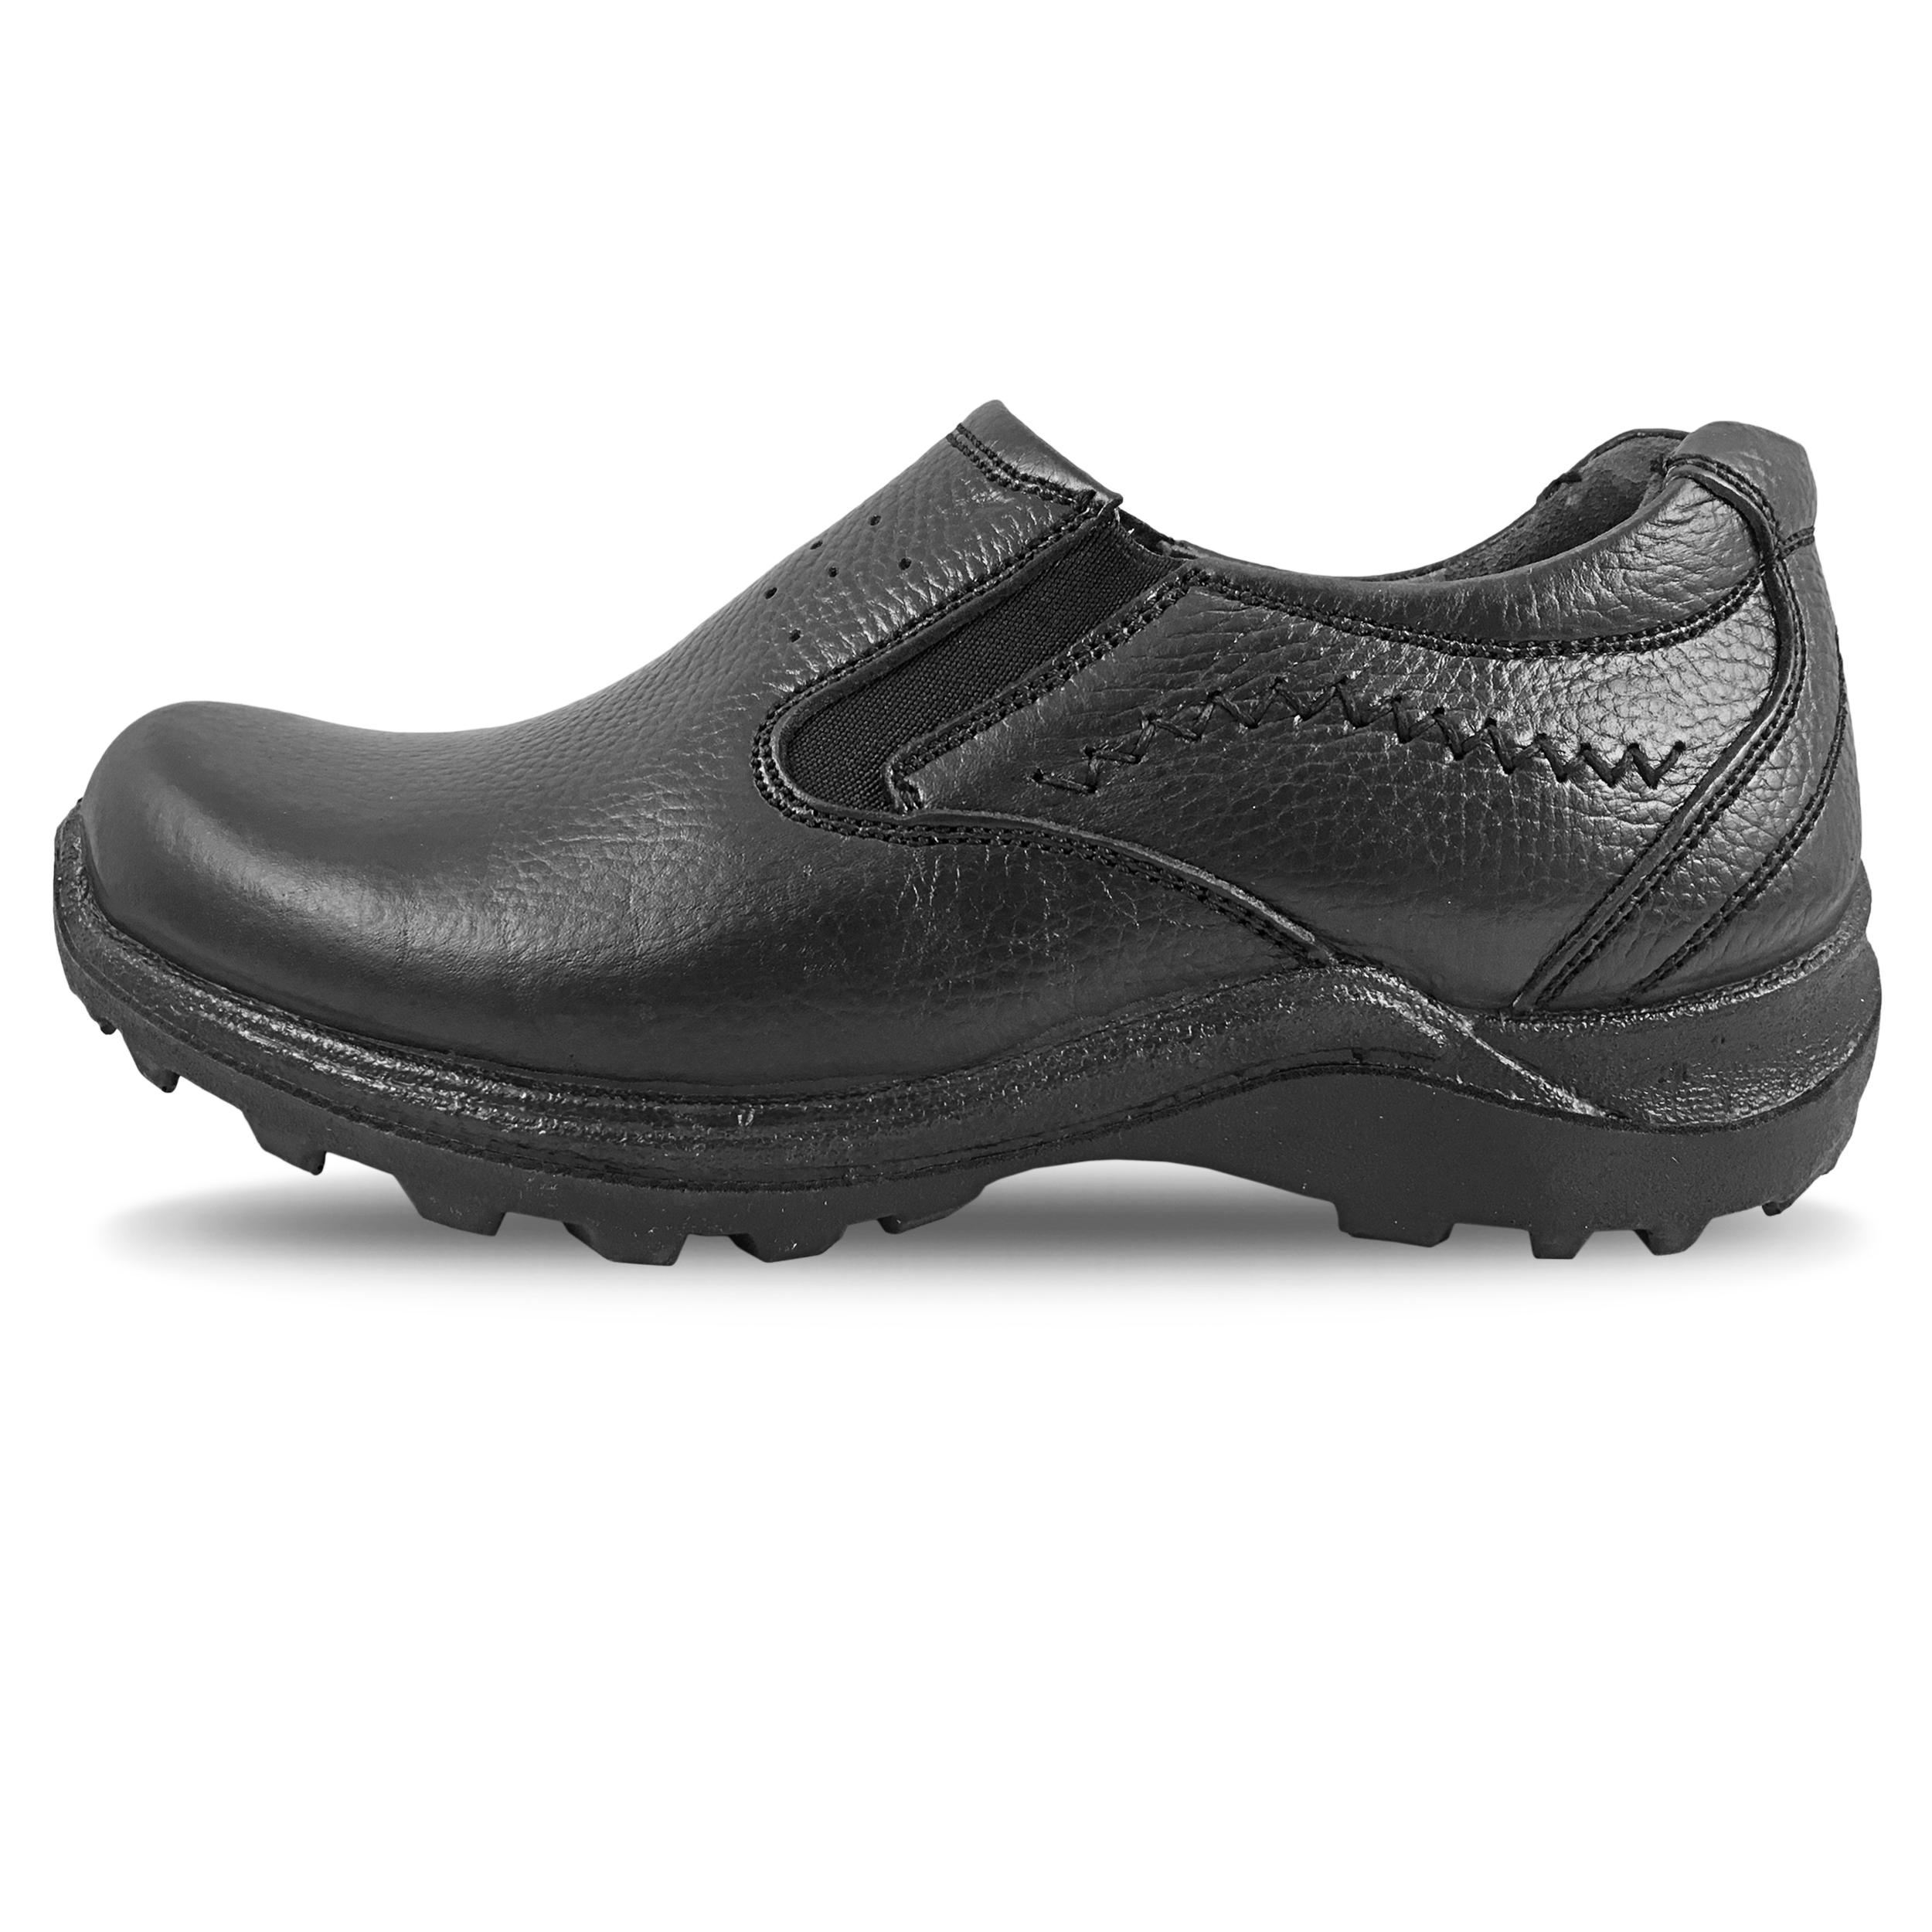 کفش مردانه مدل گریدر کد B5180